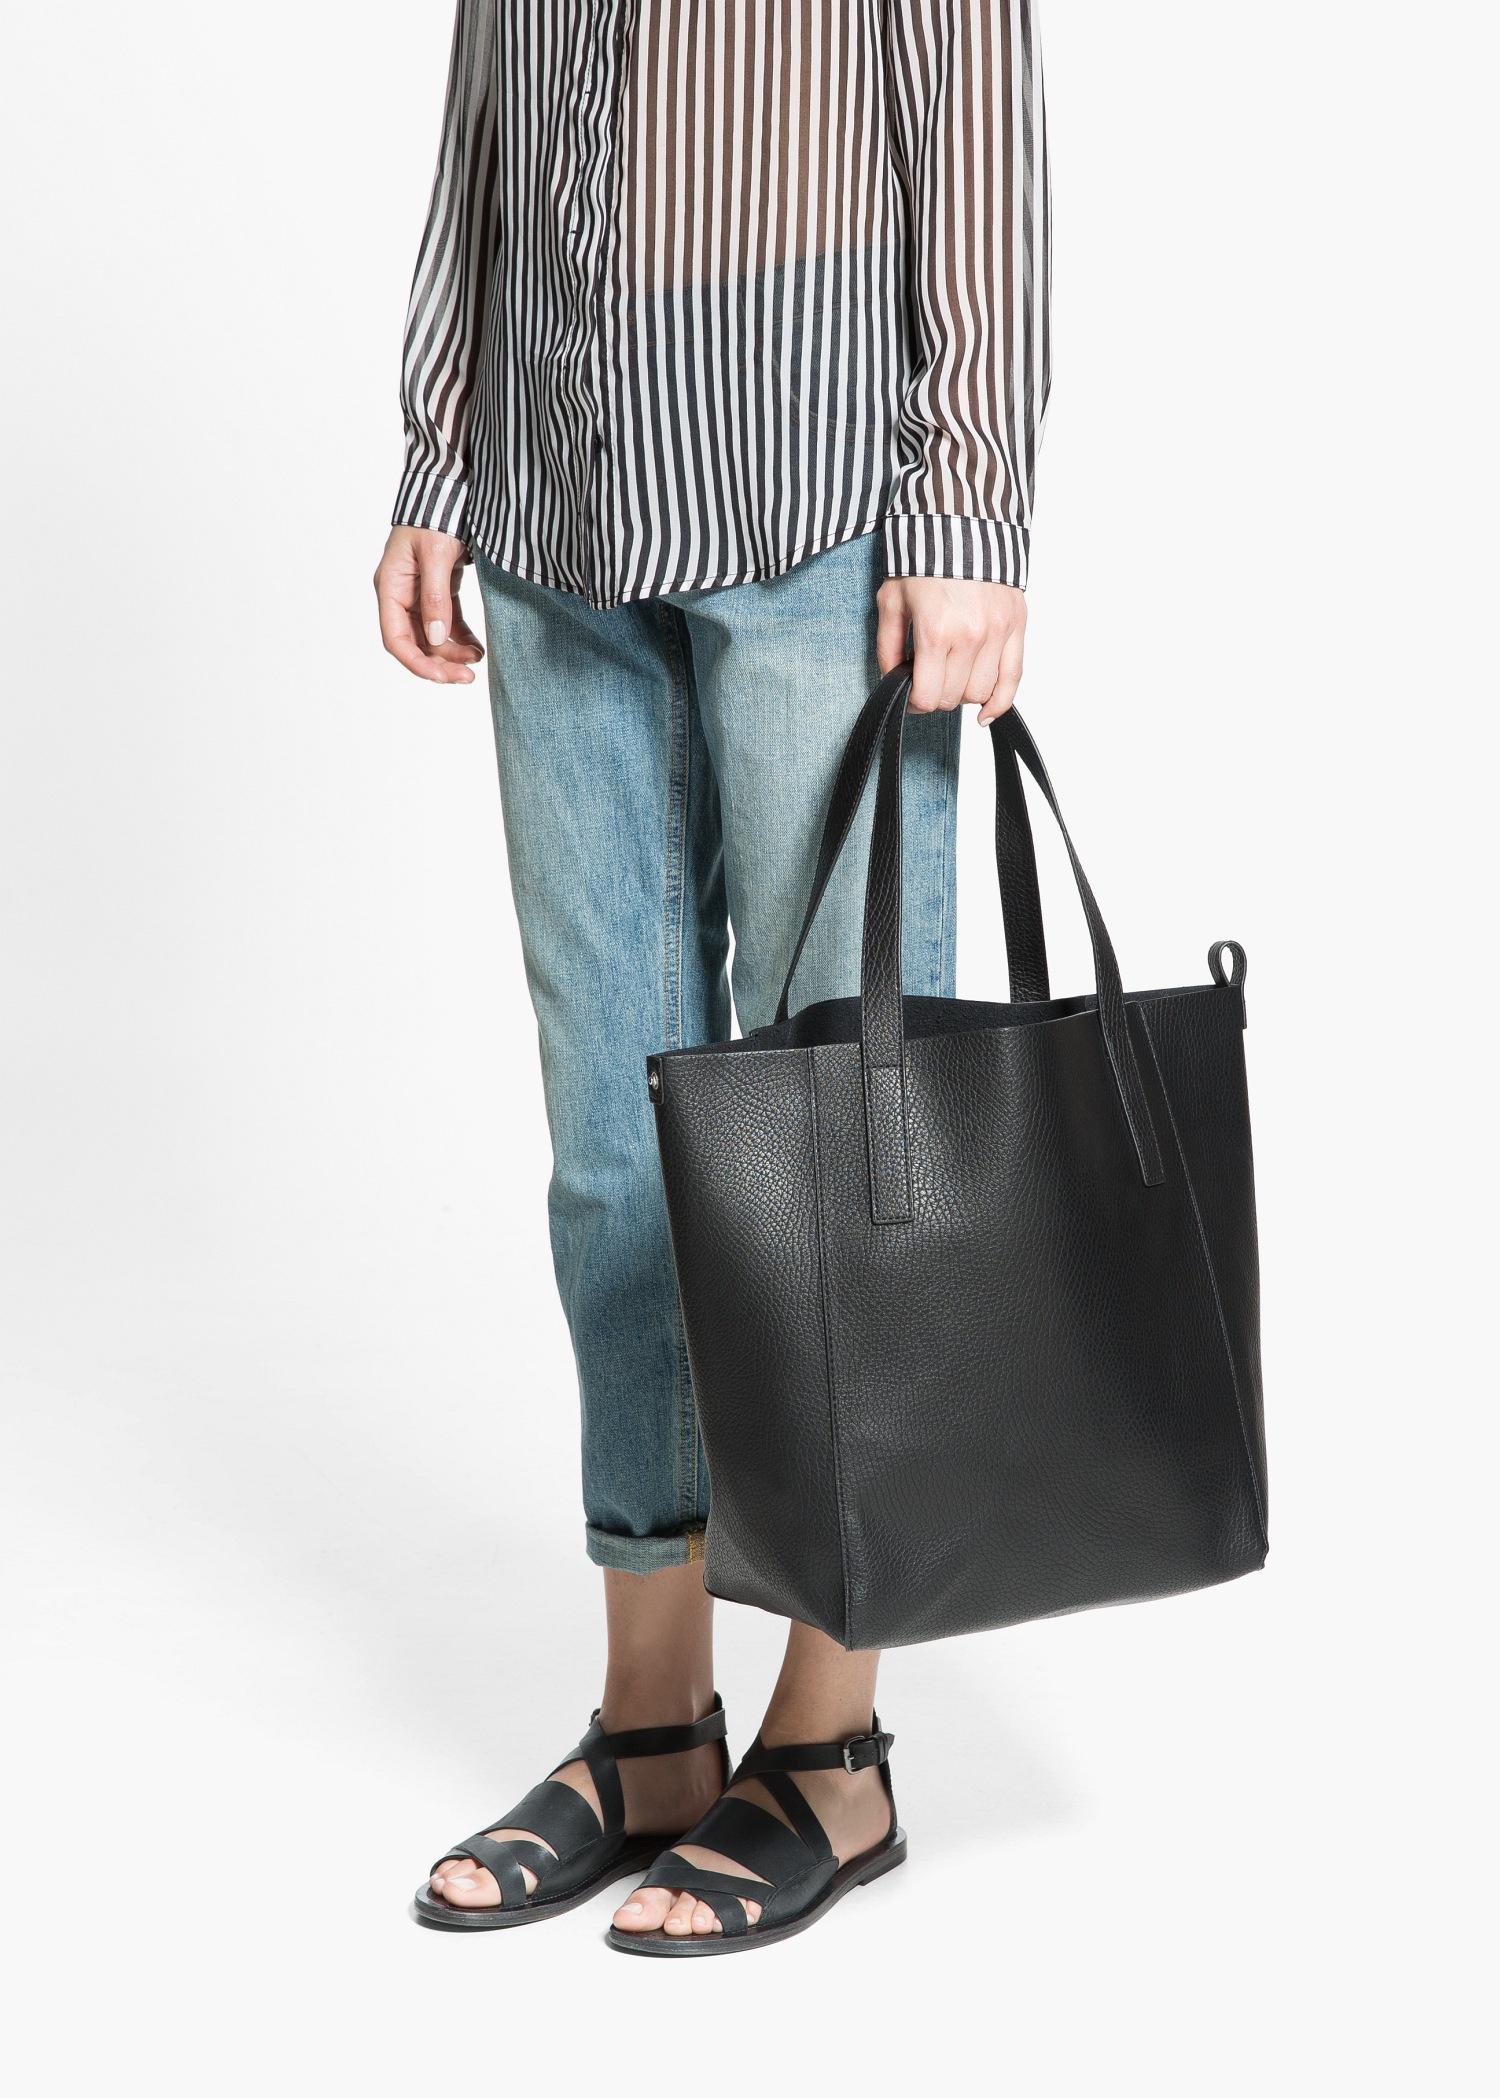 b7da5c3f87f5 Mango Faux-Leather Shopper Bag in Black - Lyst